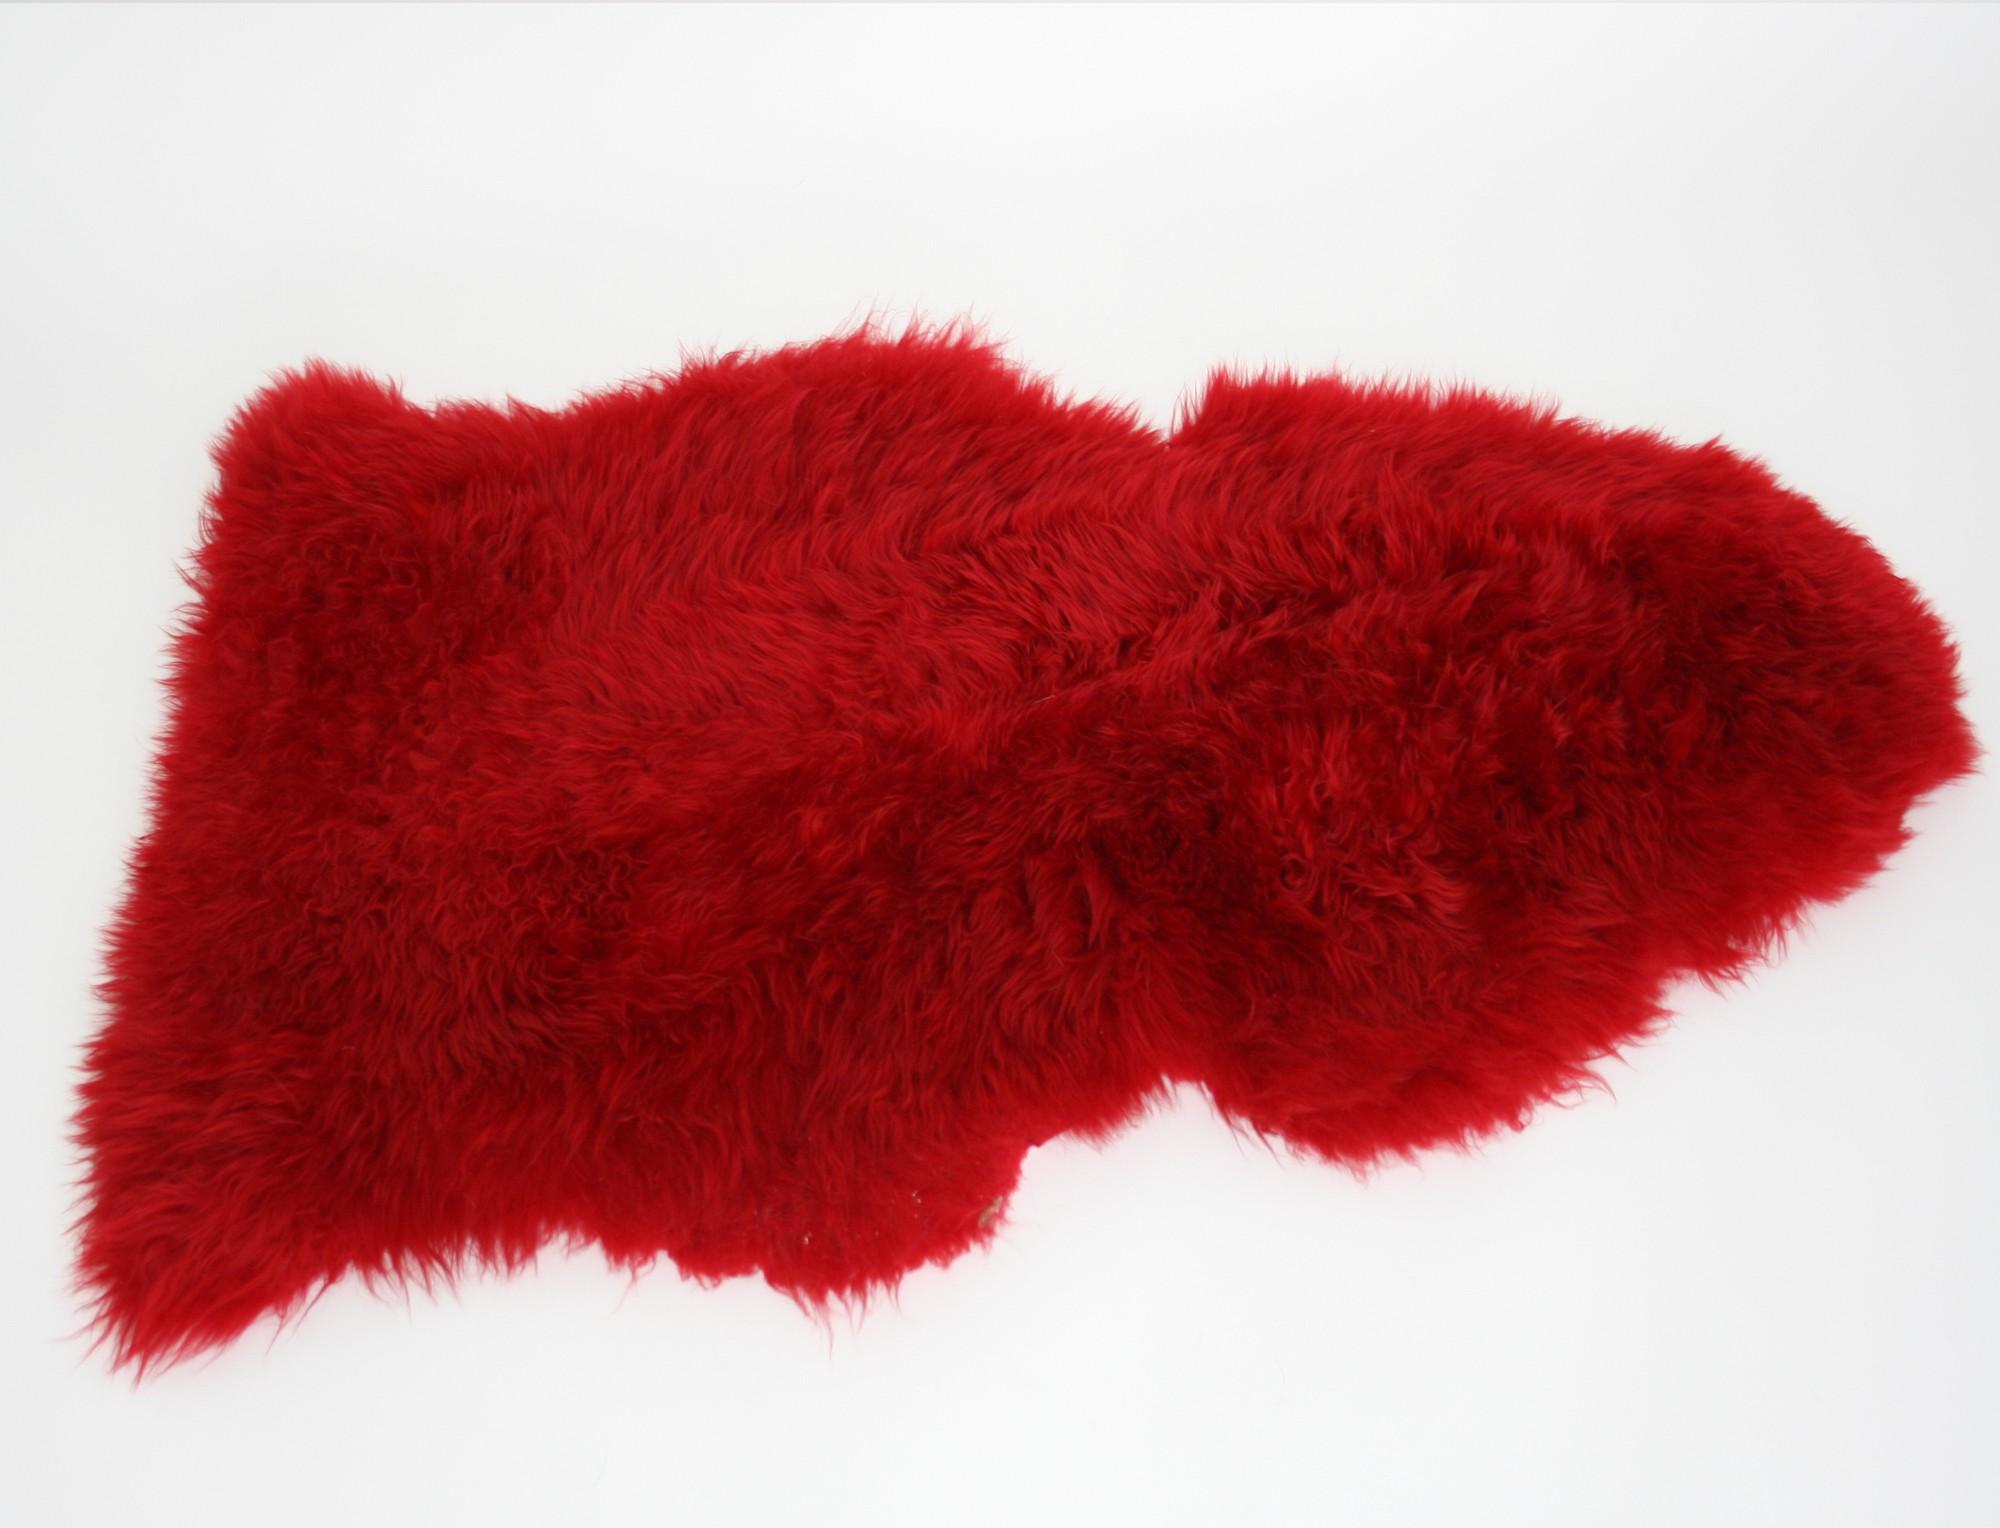 R sultat sup rieur 31 frais tapis peau de mouton galerie - Tapis peau de mouton conforama ...